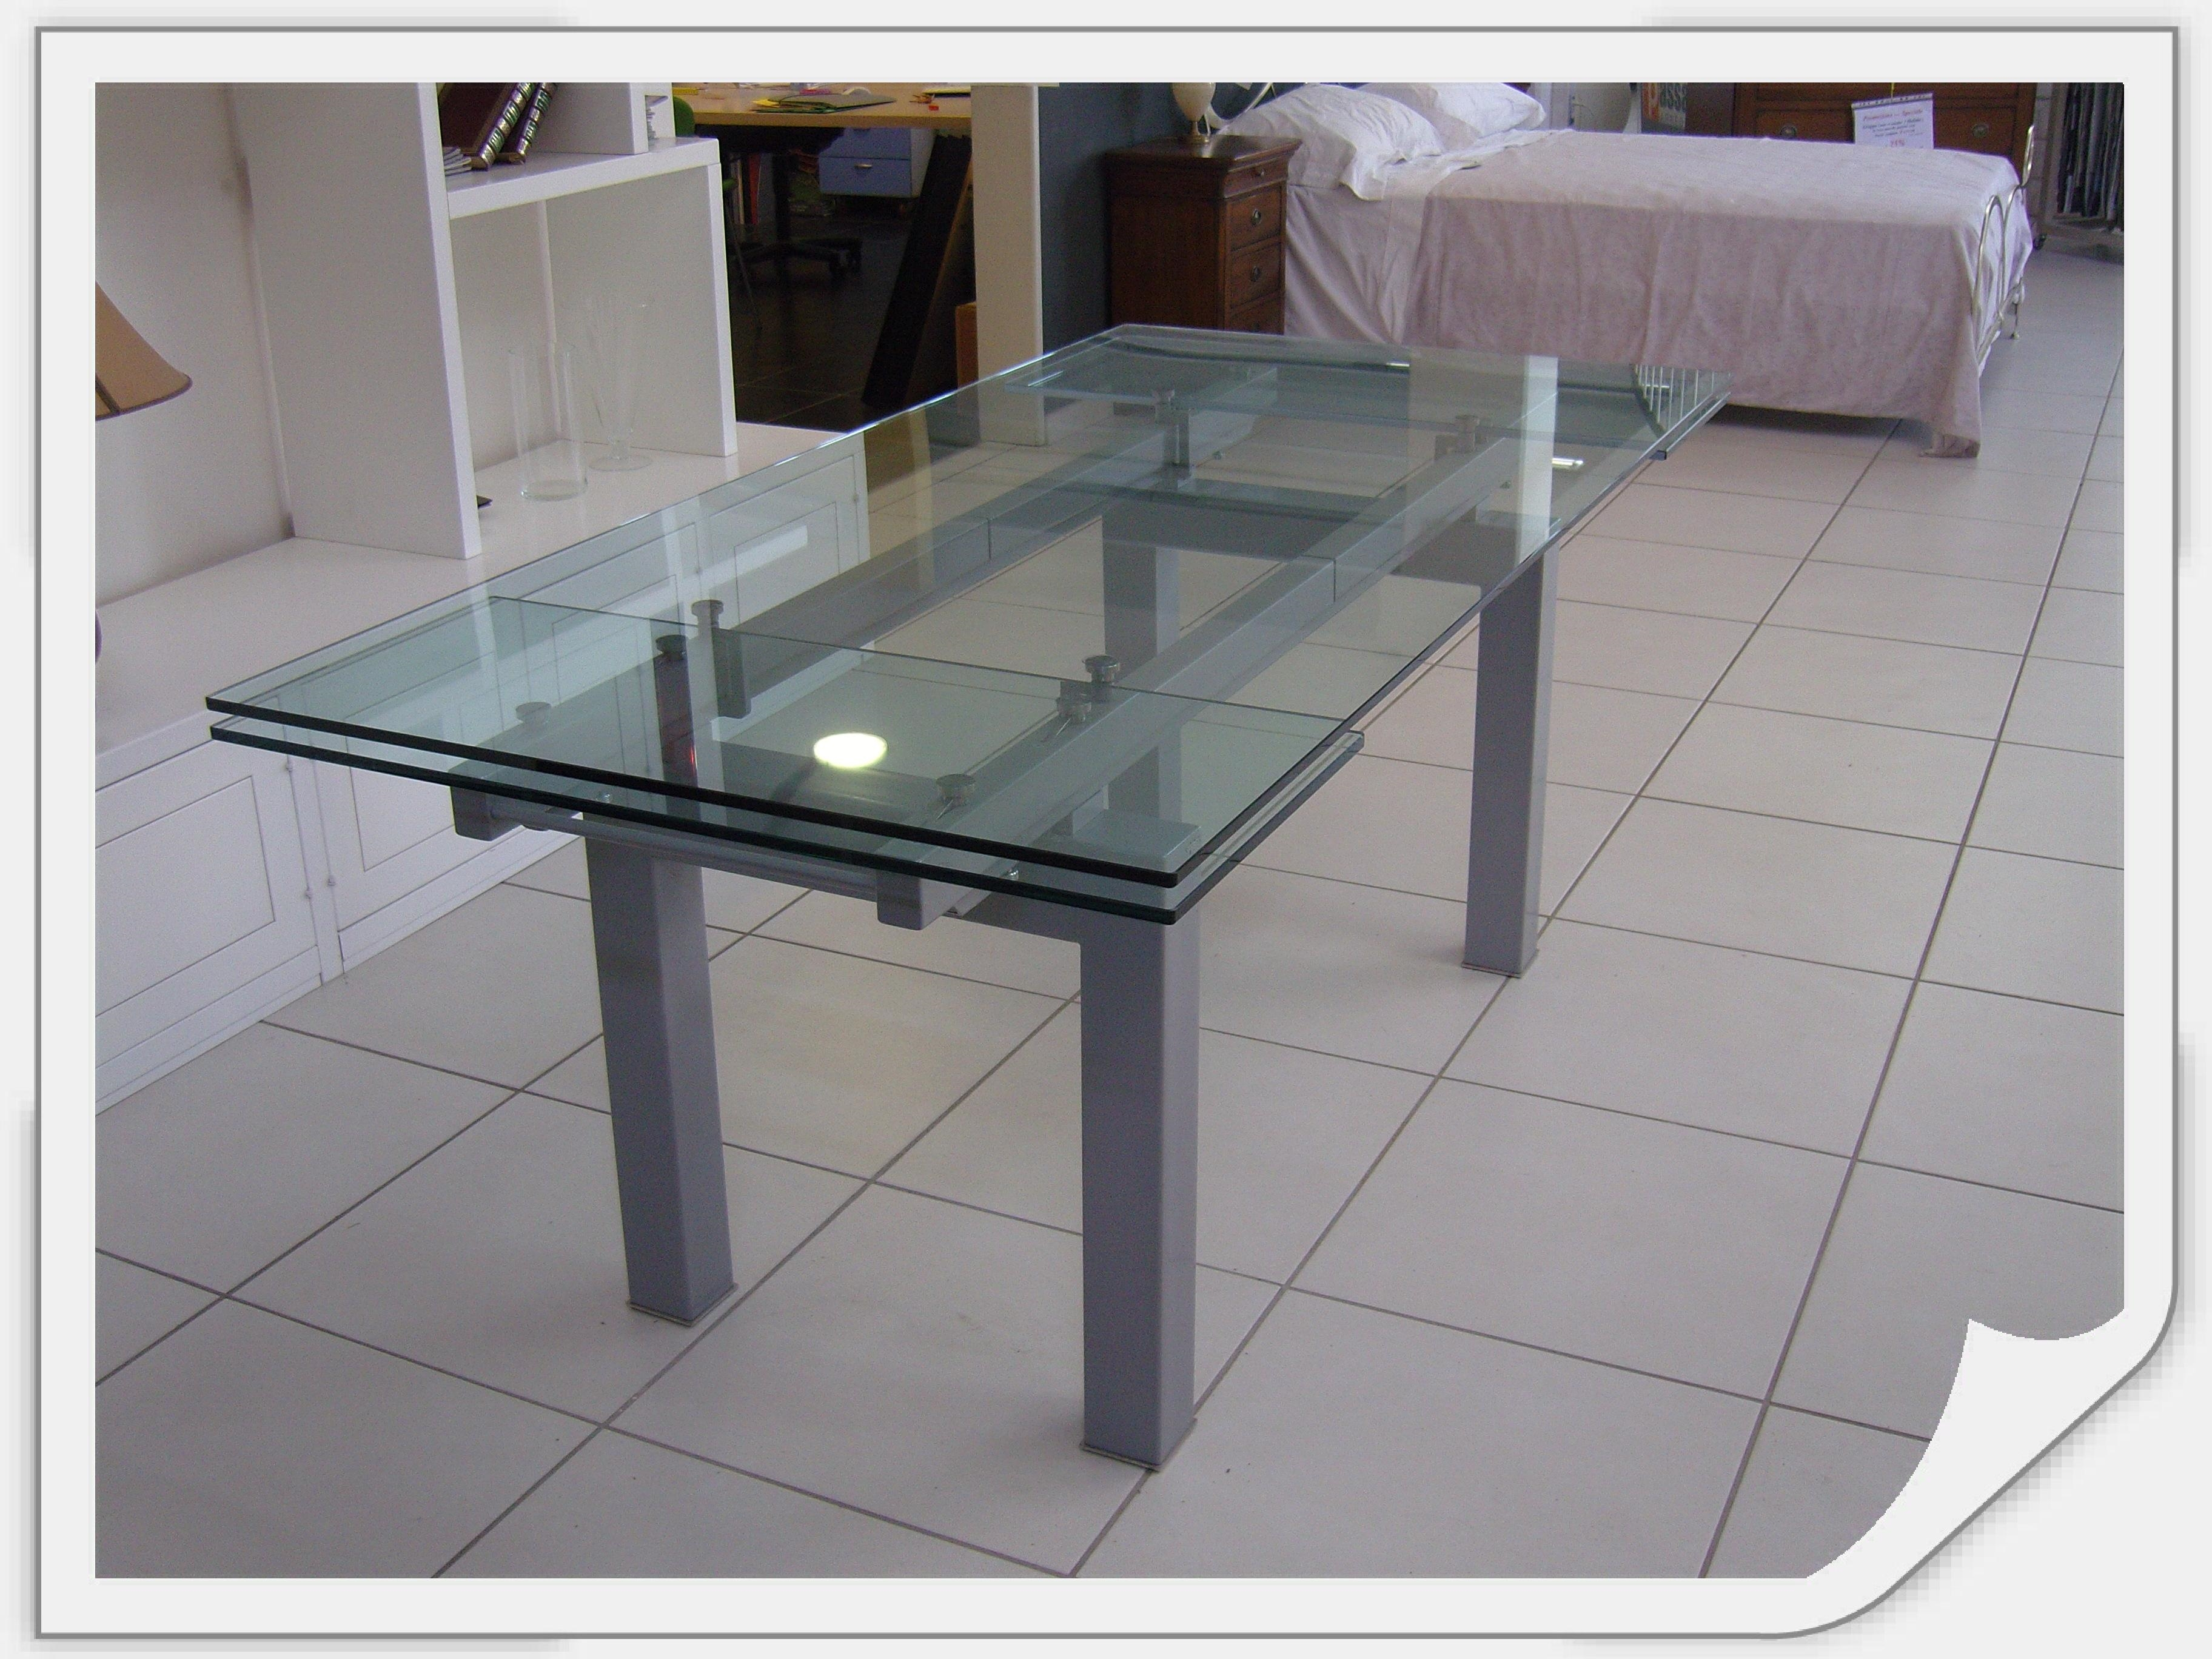 Cattelan tavolo smart tavolo vetro allungabile scontato for Tavoli allungabili calligaris cristallo